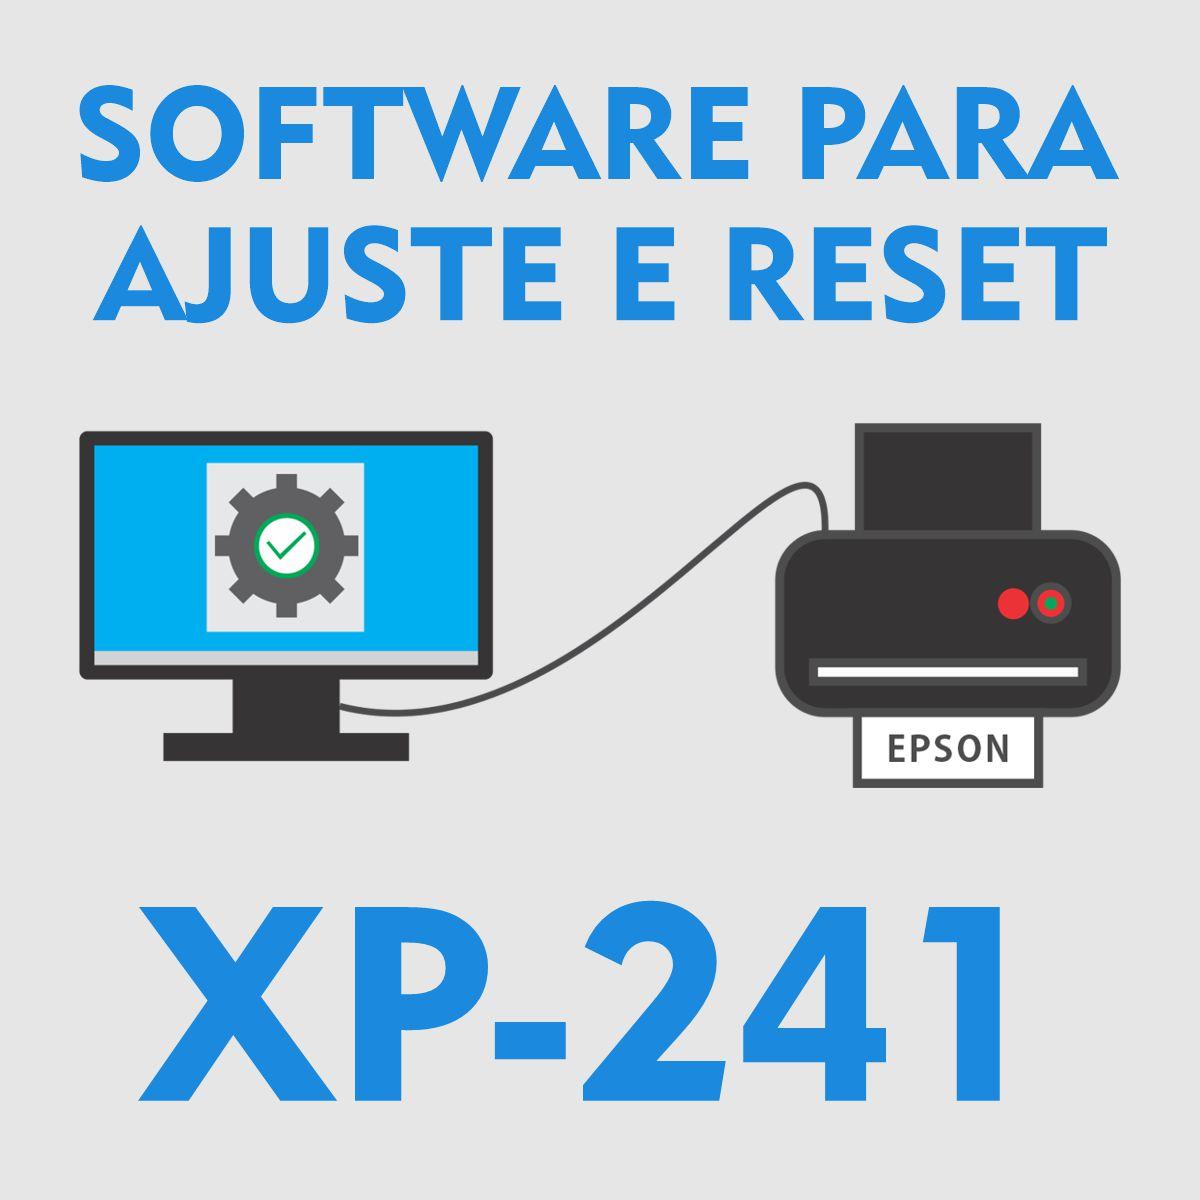 EPSON XP-241 | SOFTWARE PARA AJUSTES E RESET DAS ALMOFADAS